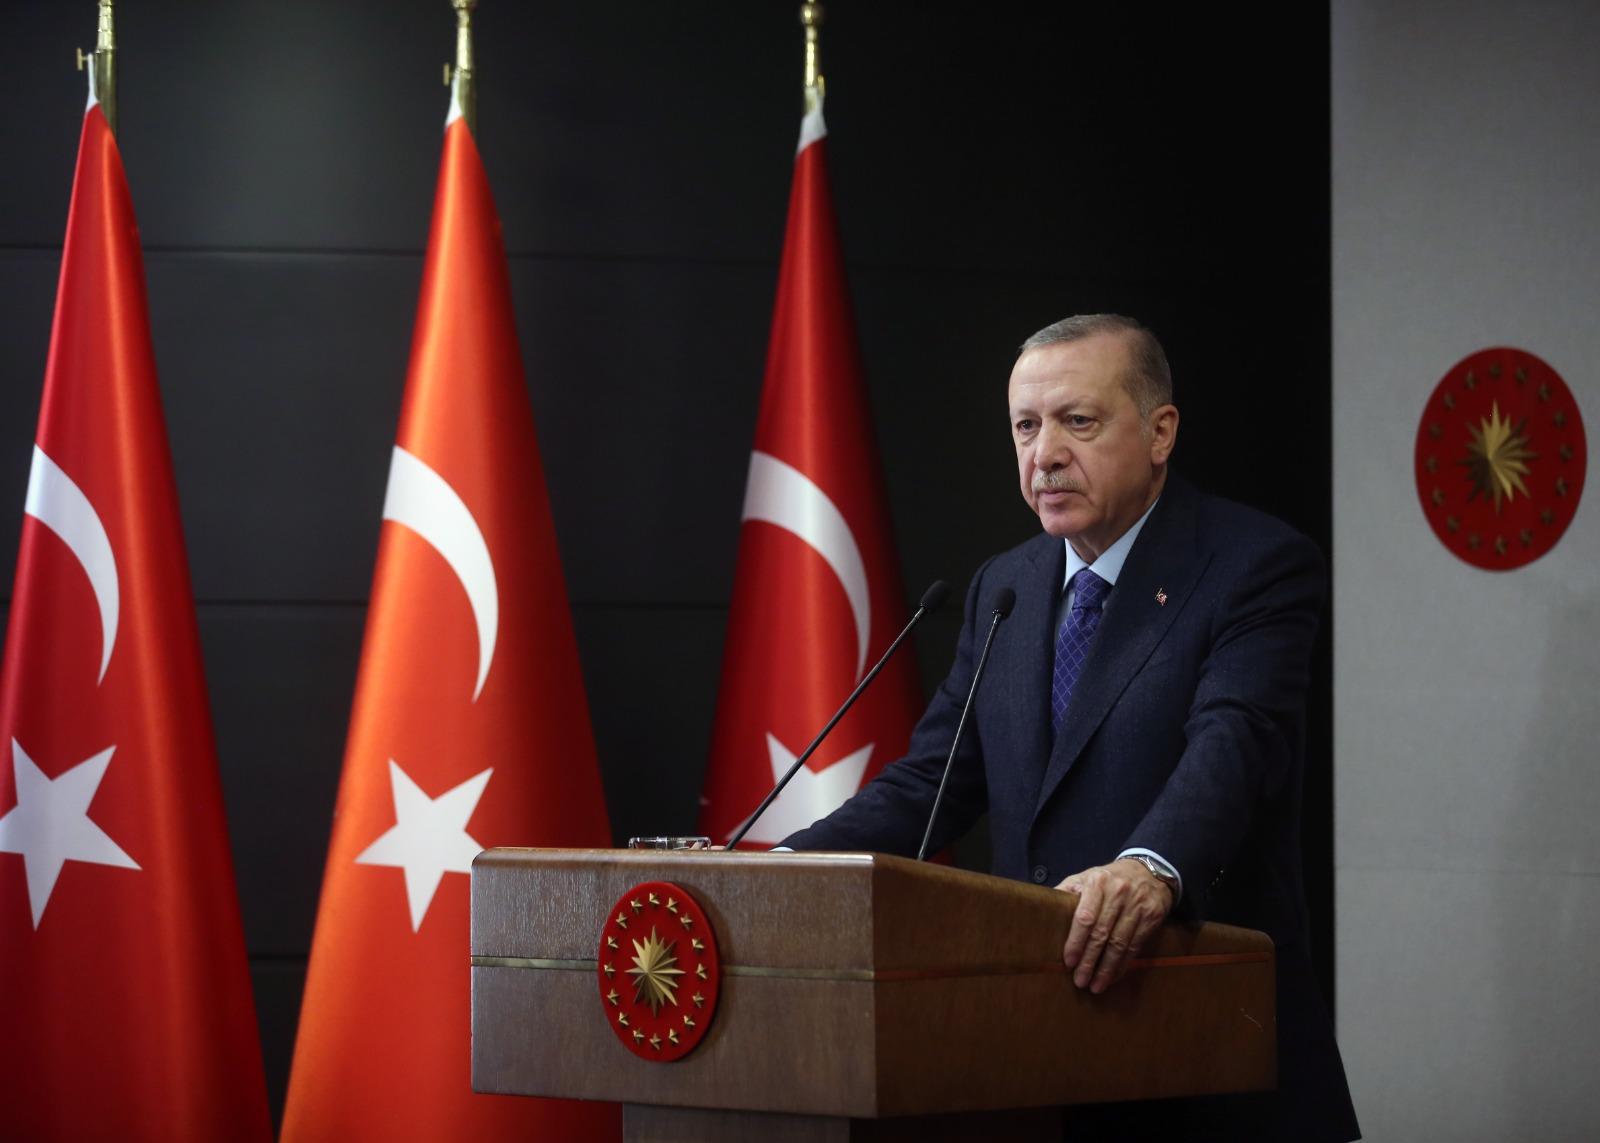 """Cumhurbaşkanı Erdoğan: """"Şehirlerarası seyahat sınırlaması 1 Haziran'dan itibaren tamamıyla kaldırılmıştır"""""""